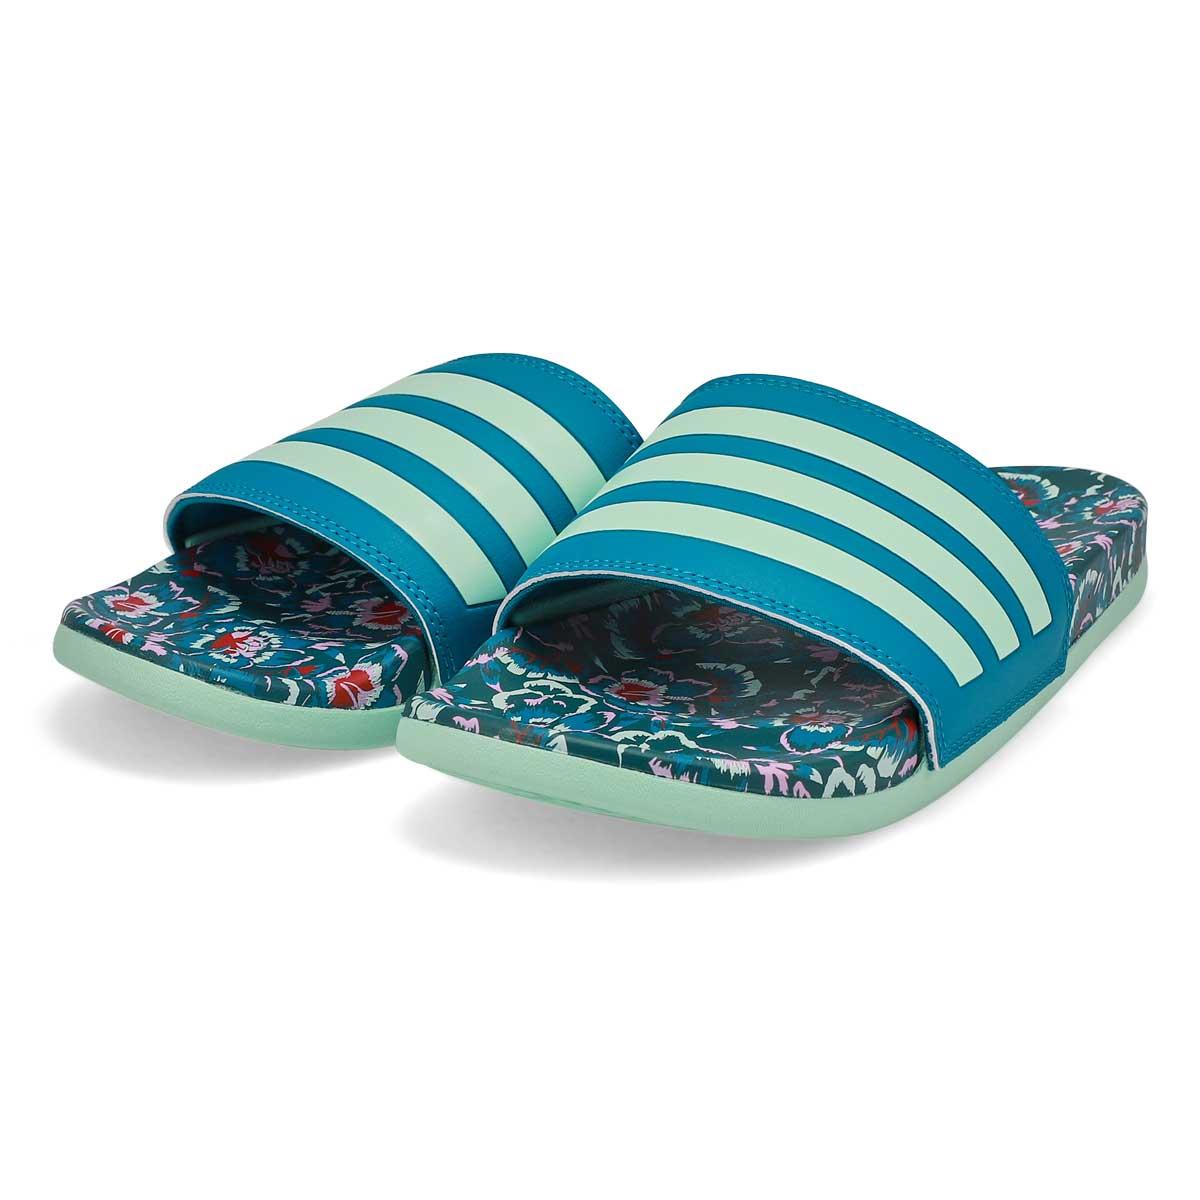 Women's Adilette CF+ Stripes W Slide - Teal/Mint